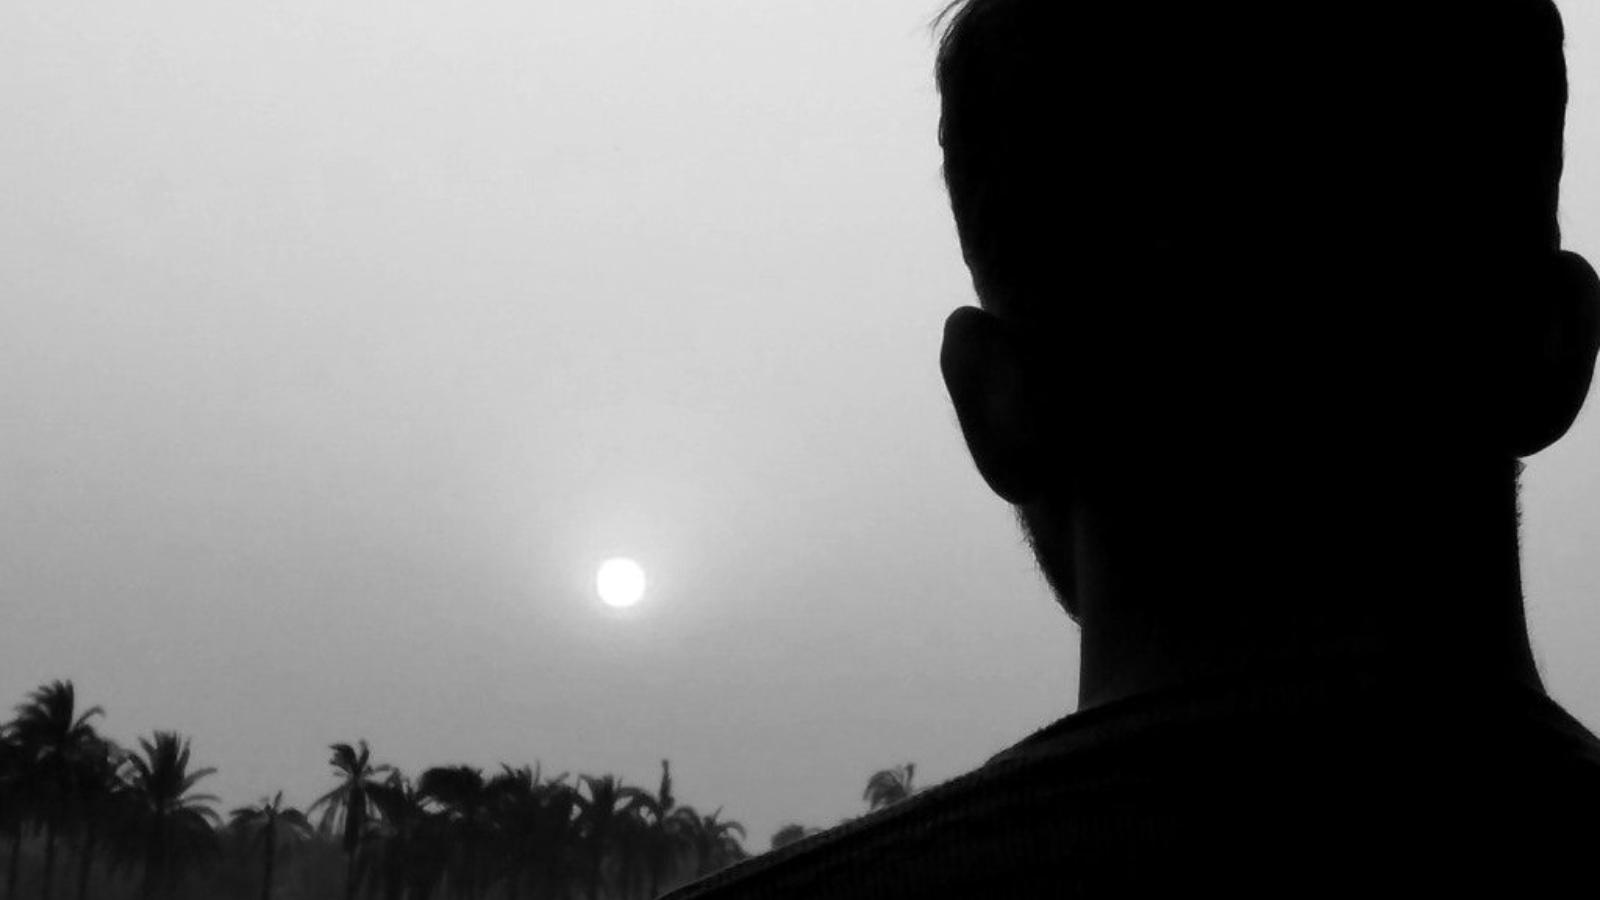 Απειλές σε 19χρονο κακοποιηθέντα ΑΜΕΑ από δύο ιερείς στα Χανιά